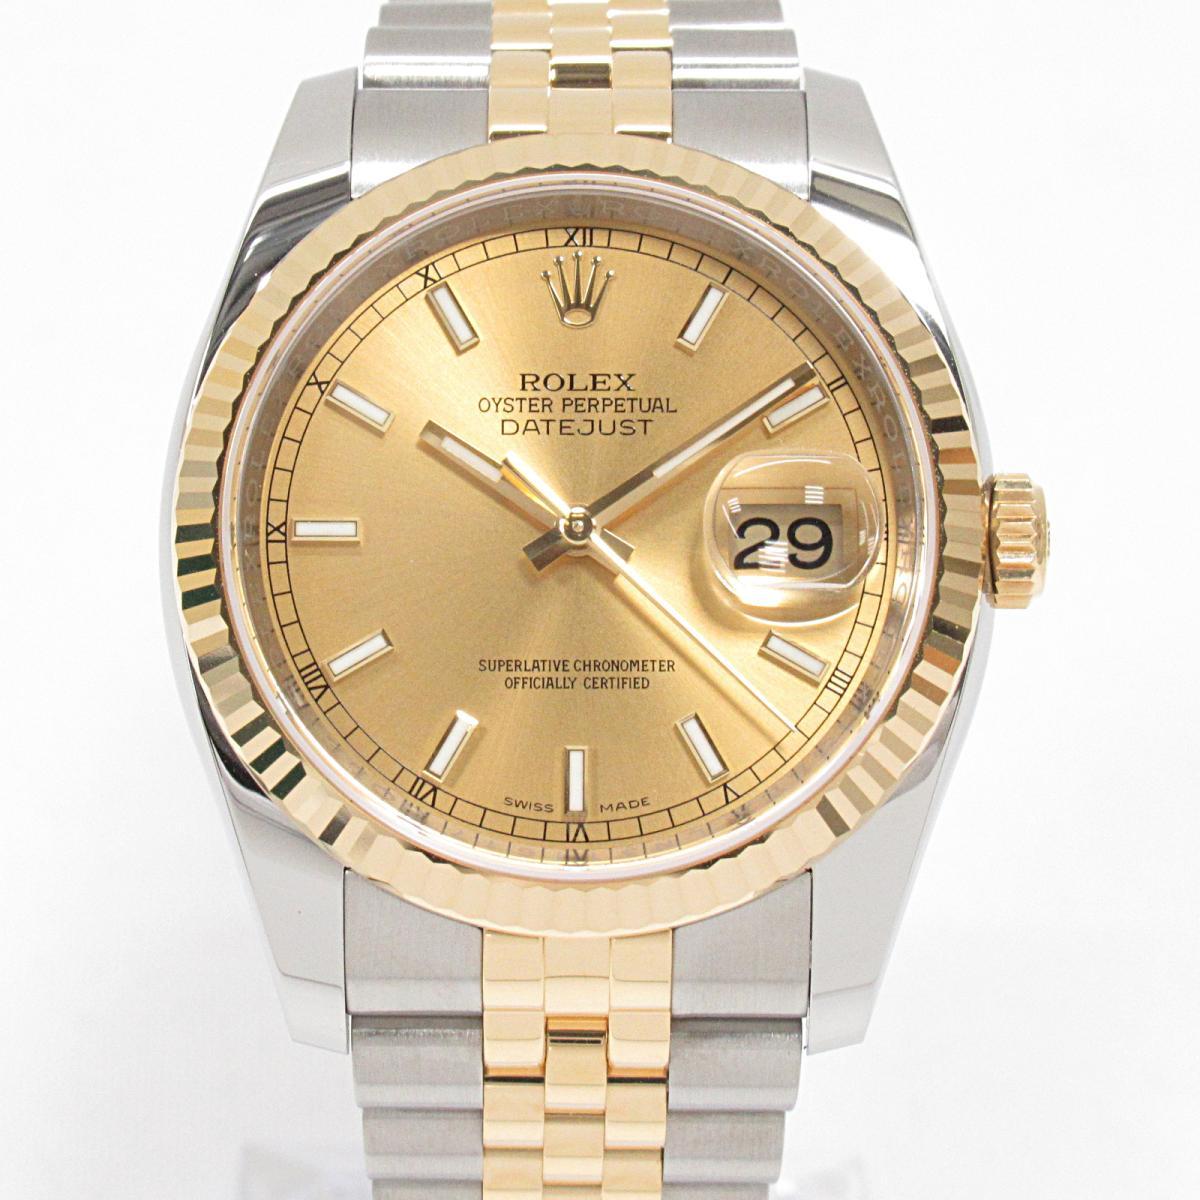 【中古】 ロレックス デイトジャスト 腕時計 ウォッチ メンズ ステンレススチール (SS) K18YG (イエローゴールド) (116233) | ROLEX BRANDOFF ブランドオフ ブランド ブランド時計 ブランド腕時計 時計